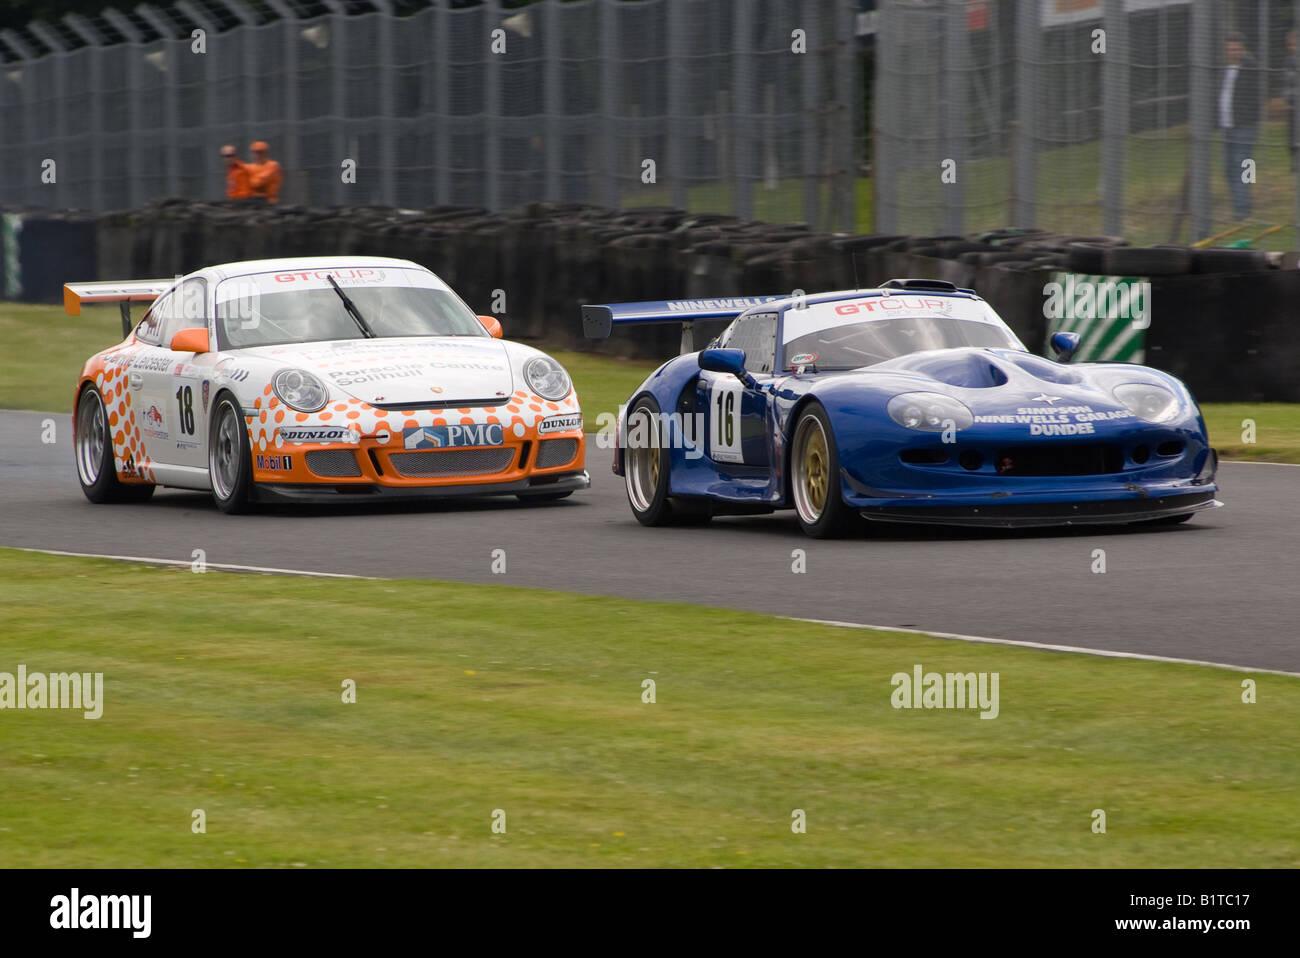 Marcos Mantis y Porsche 997 GT3 de carreras de coches deportivos ...